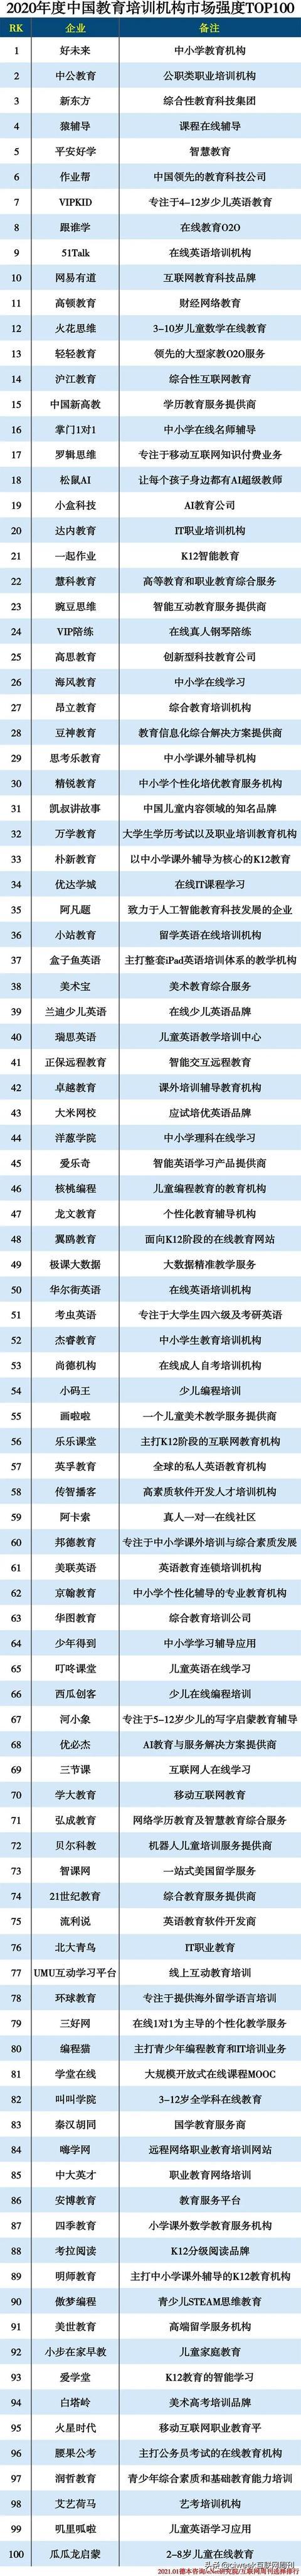 培训机构有哪些,2020教育培训TOP100